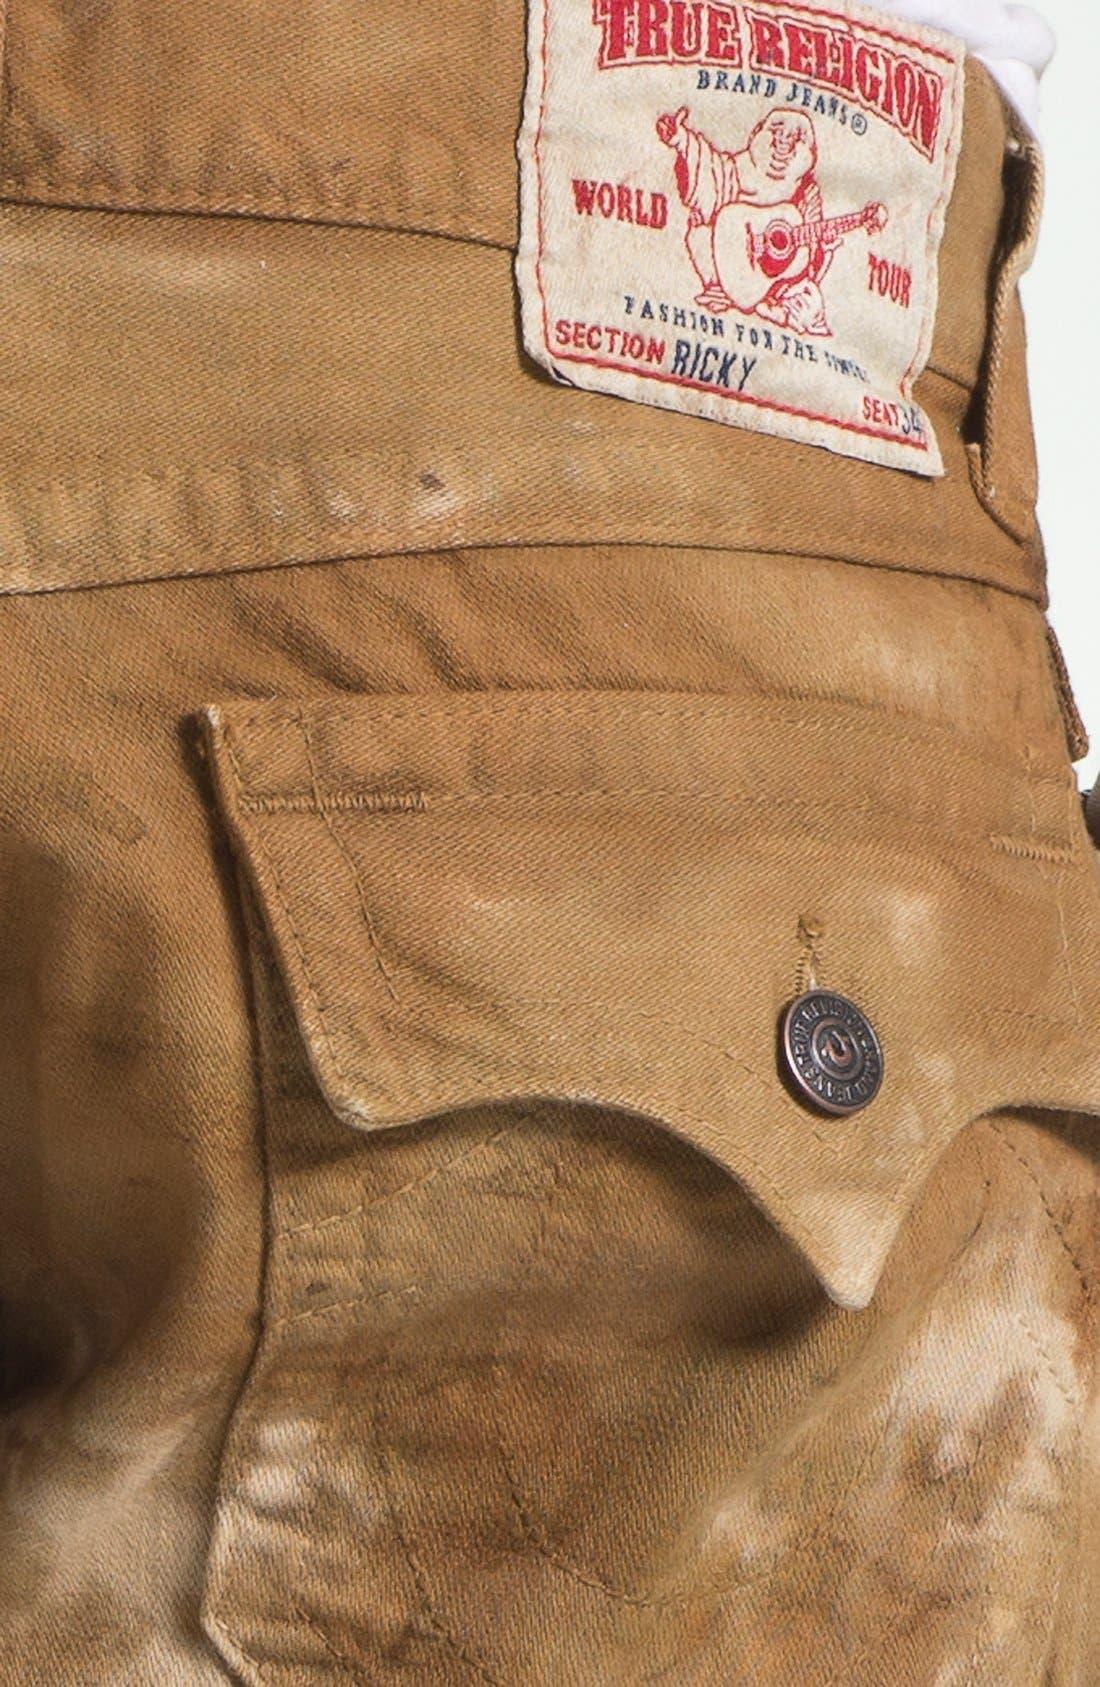 Alternate Image 4  - True Religion Brand Jeans 'Ricky' Straight Leg Jeans (Desert Sand)